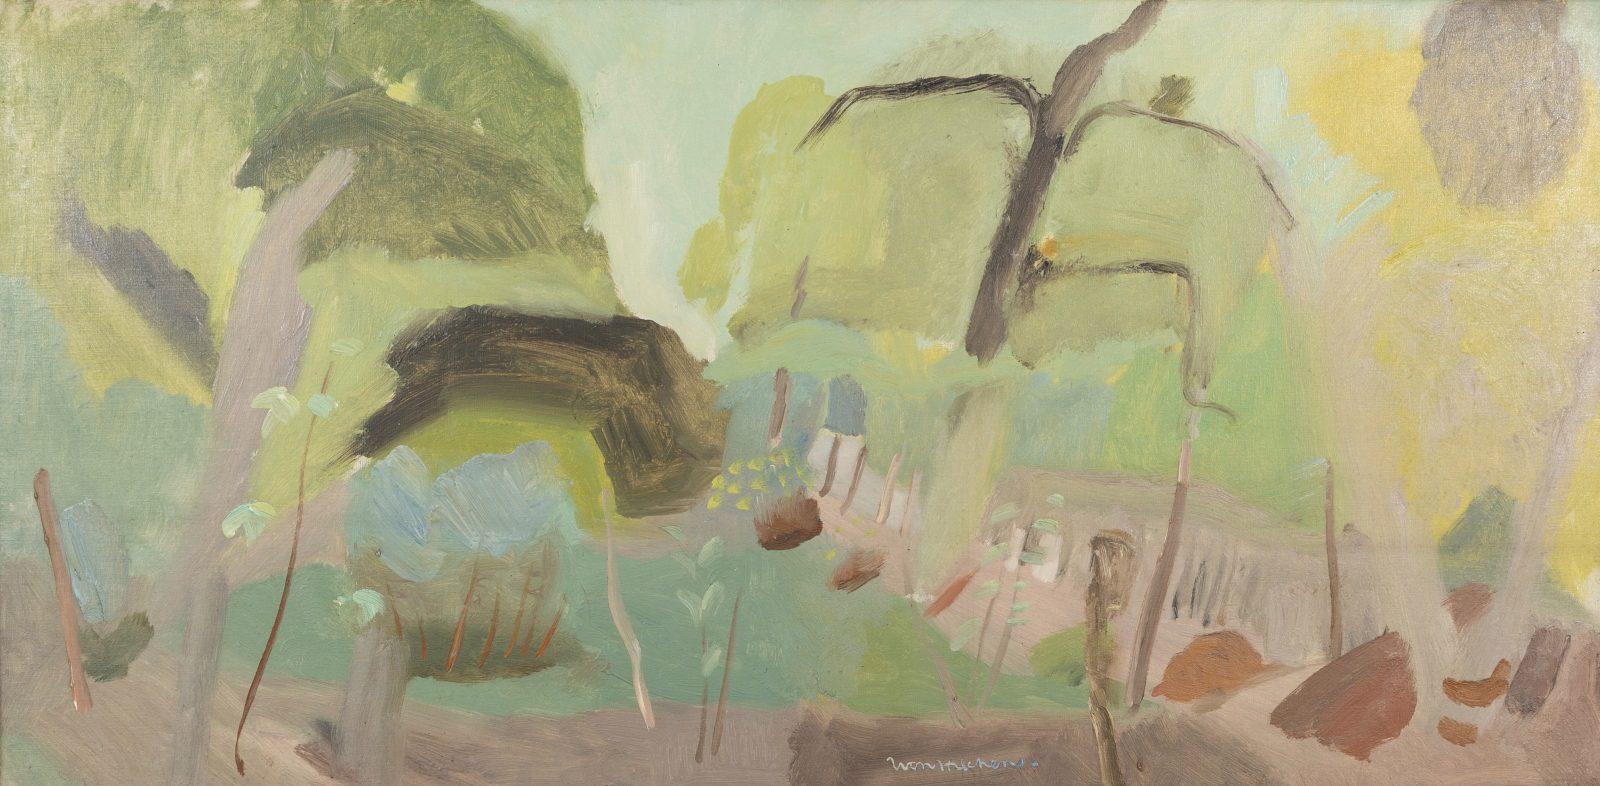 Ivon Hitchens, Woodland Interior, Shropshire Landscape, c1930-2. Courtesy of Jenna Burlingham Fine Art.